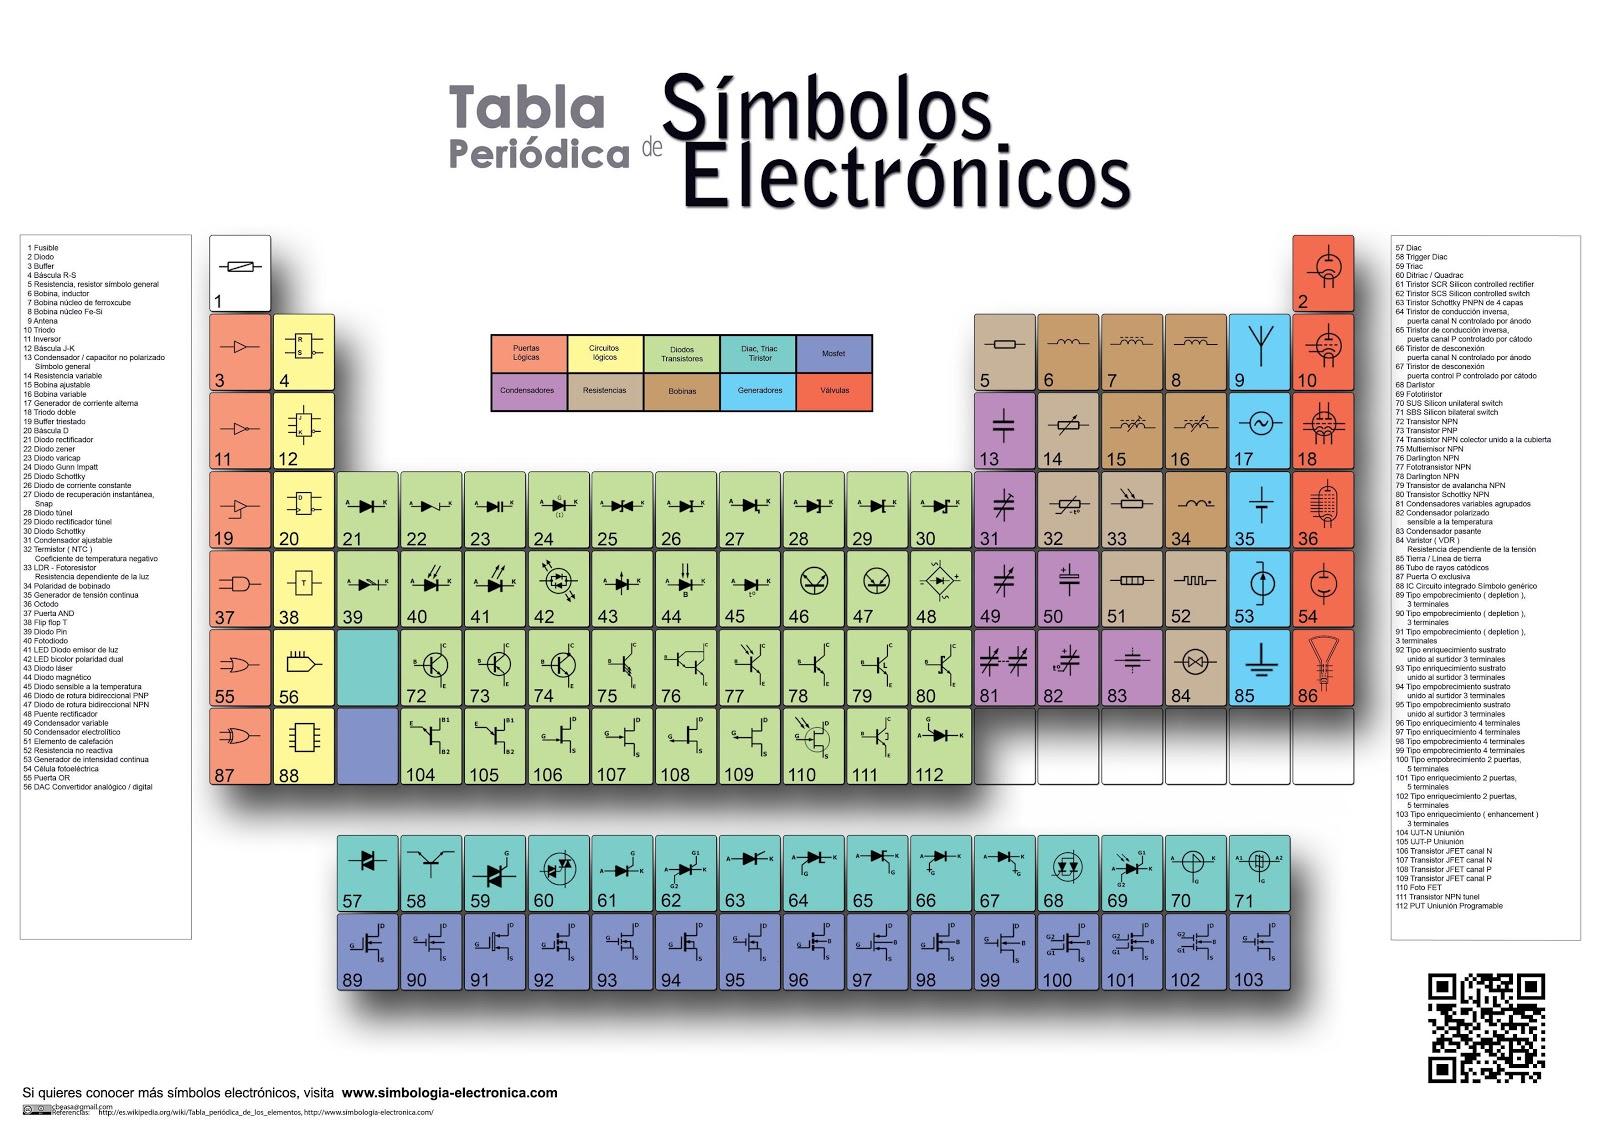 Tabla peridica de smbolos electrnicos urtaz Image collections